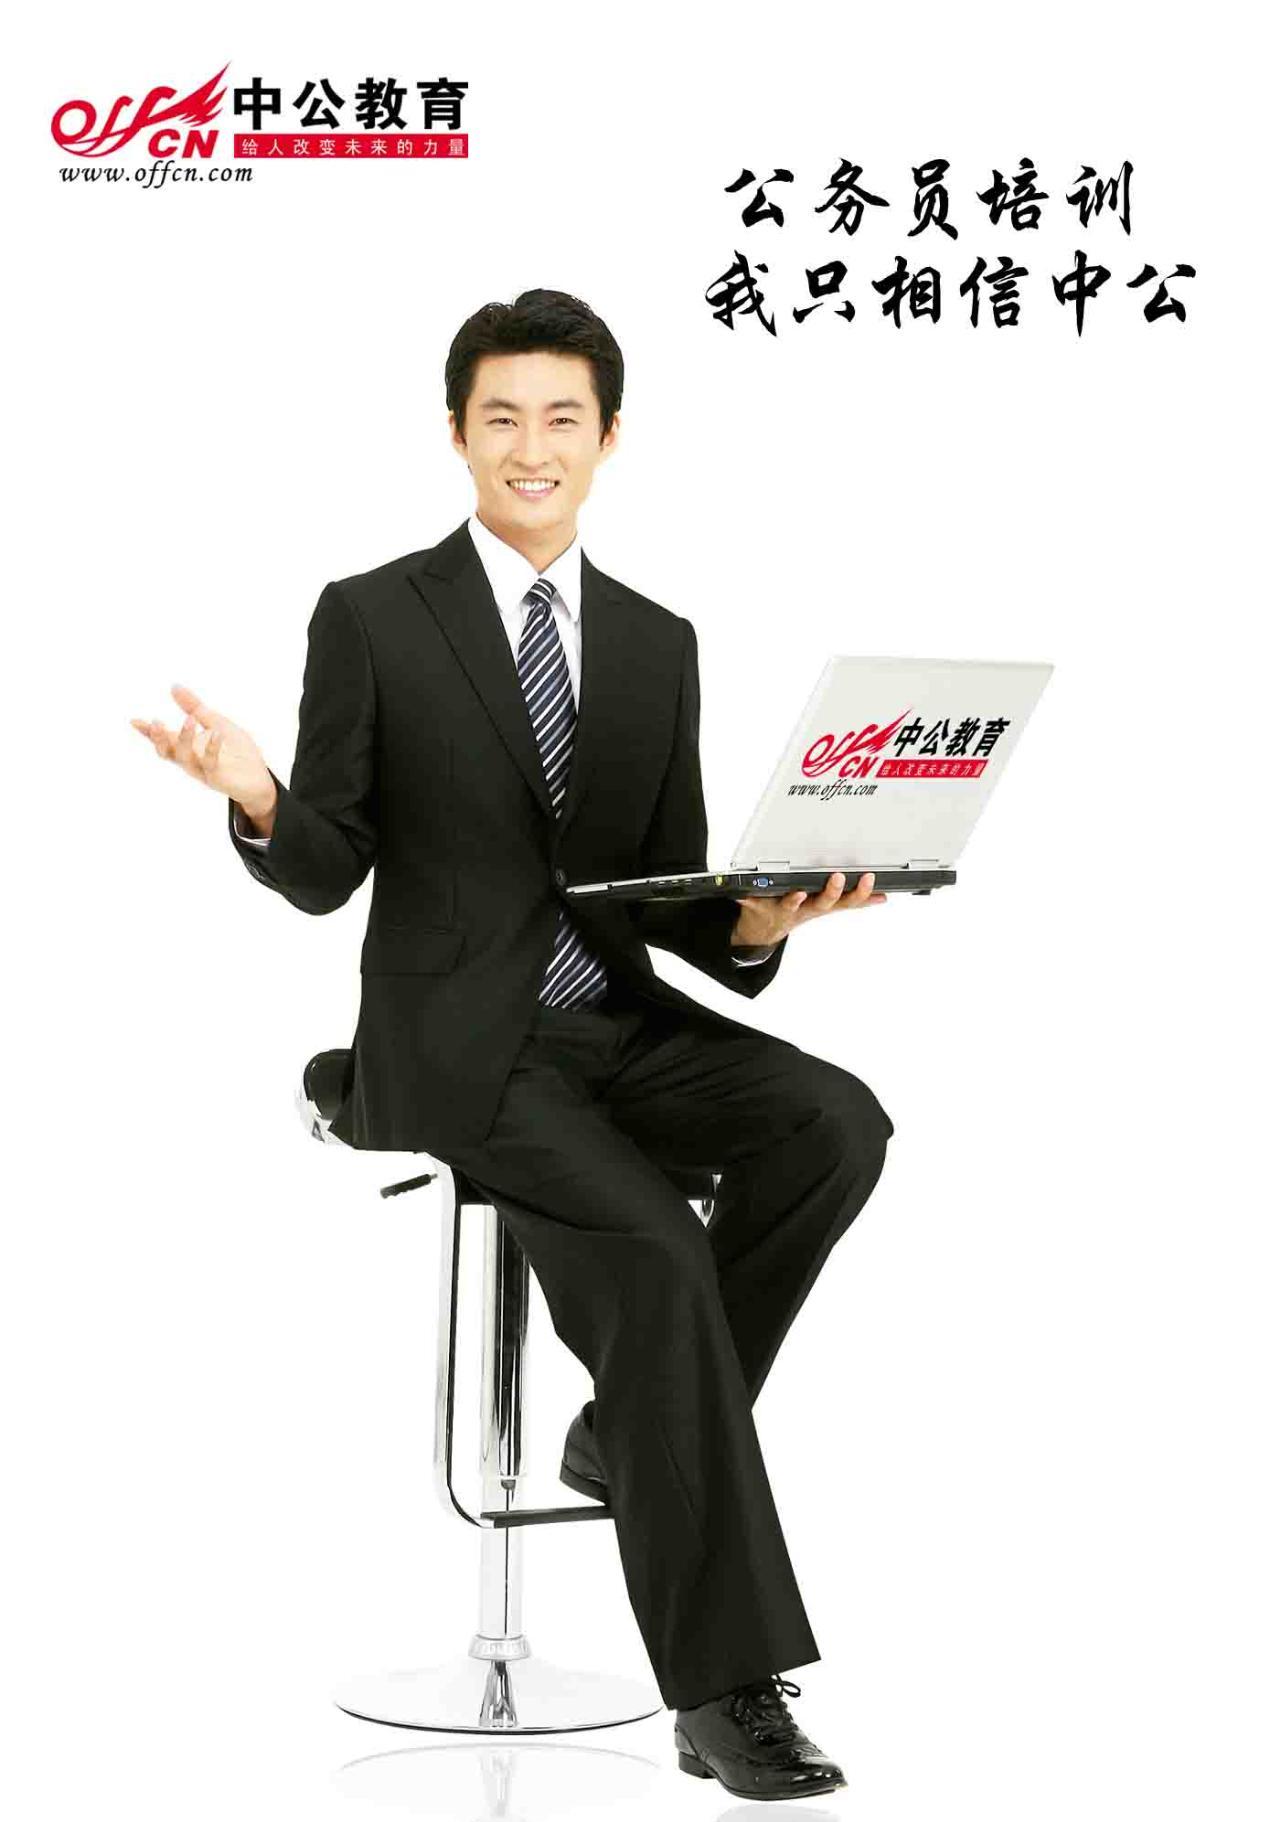 2013年蚌埠农信社培训班开课啦【中公教育】